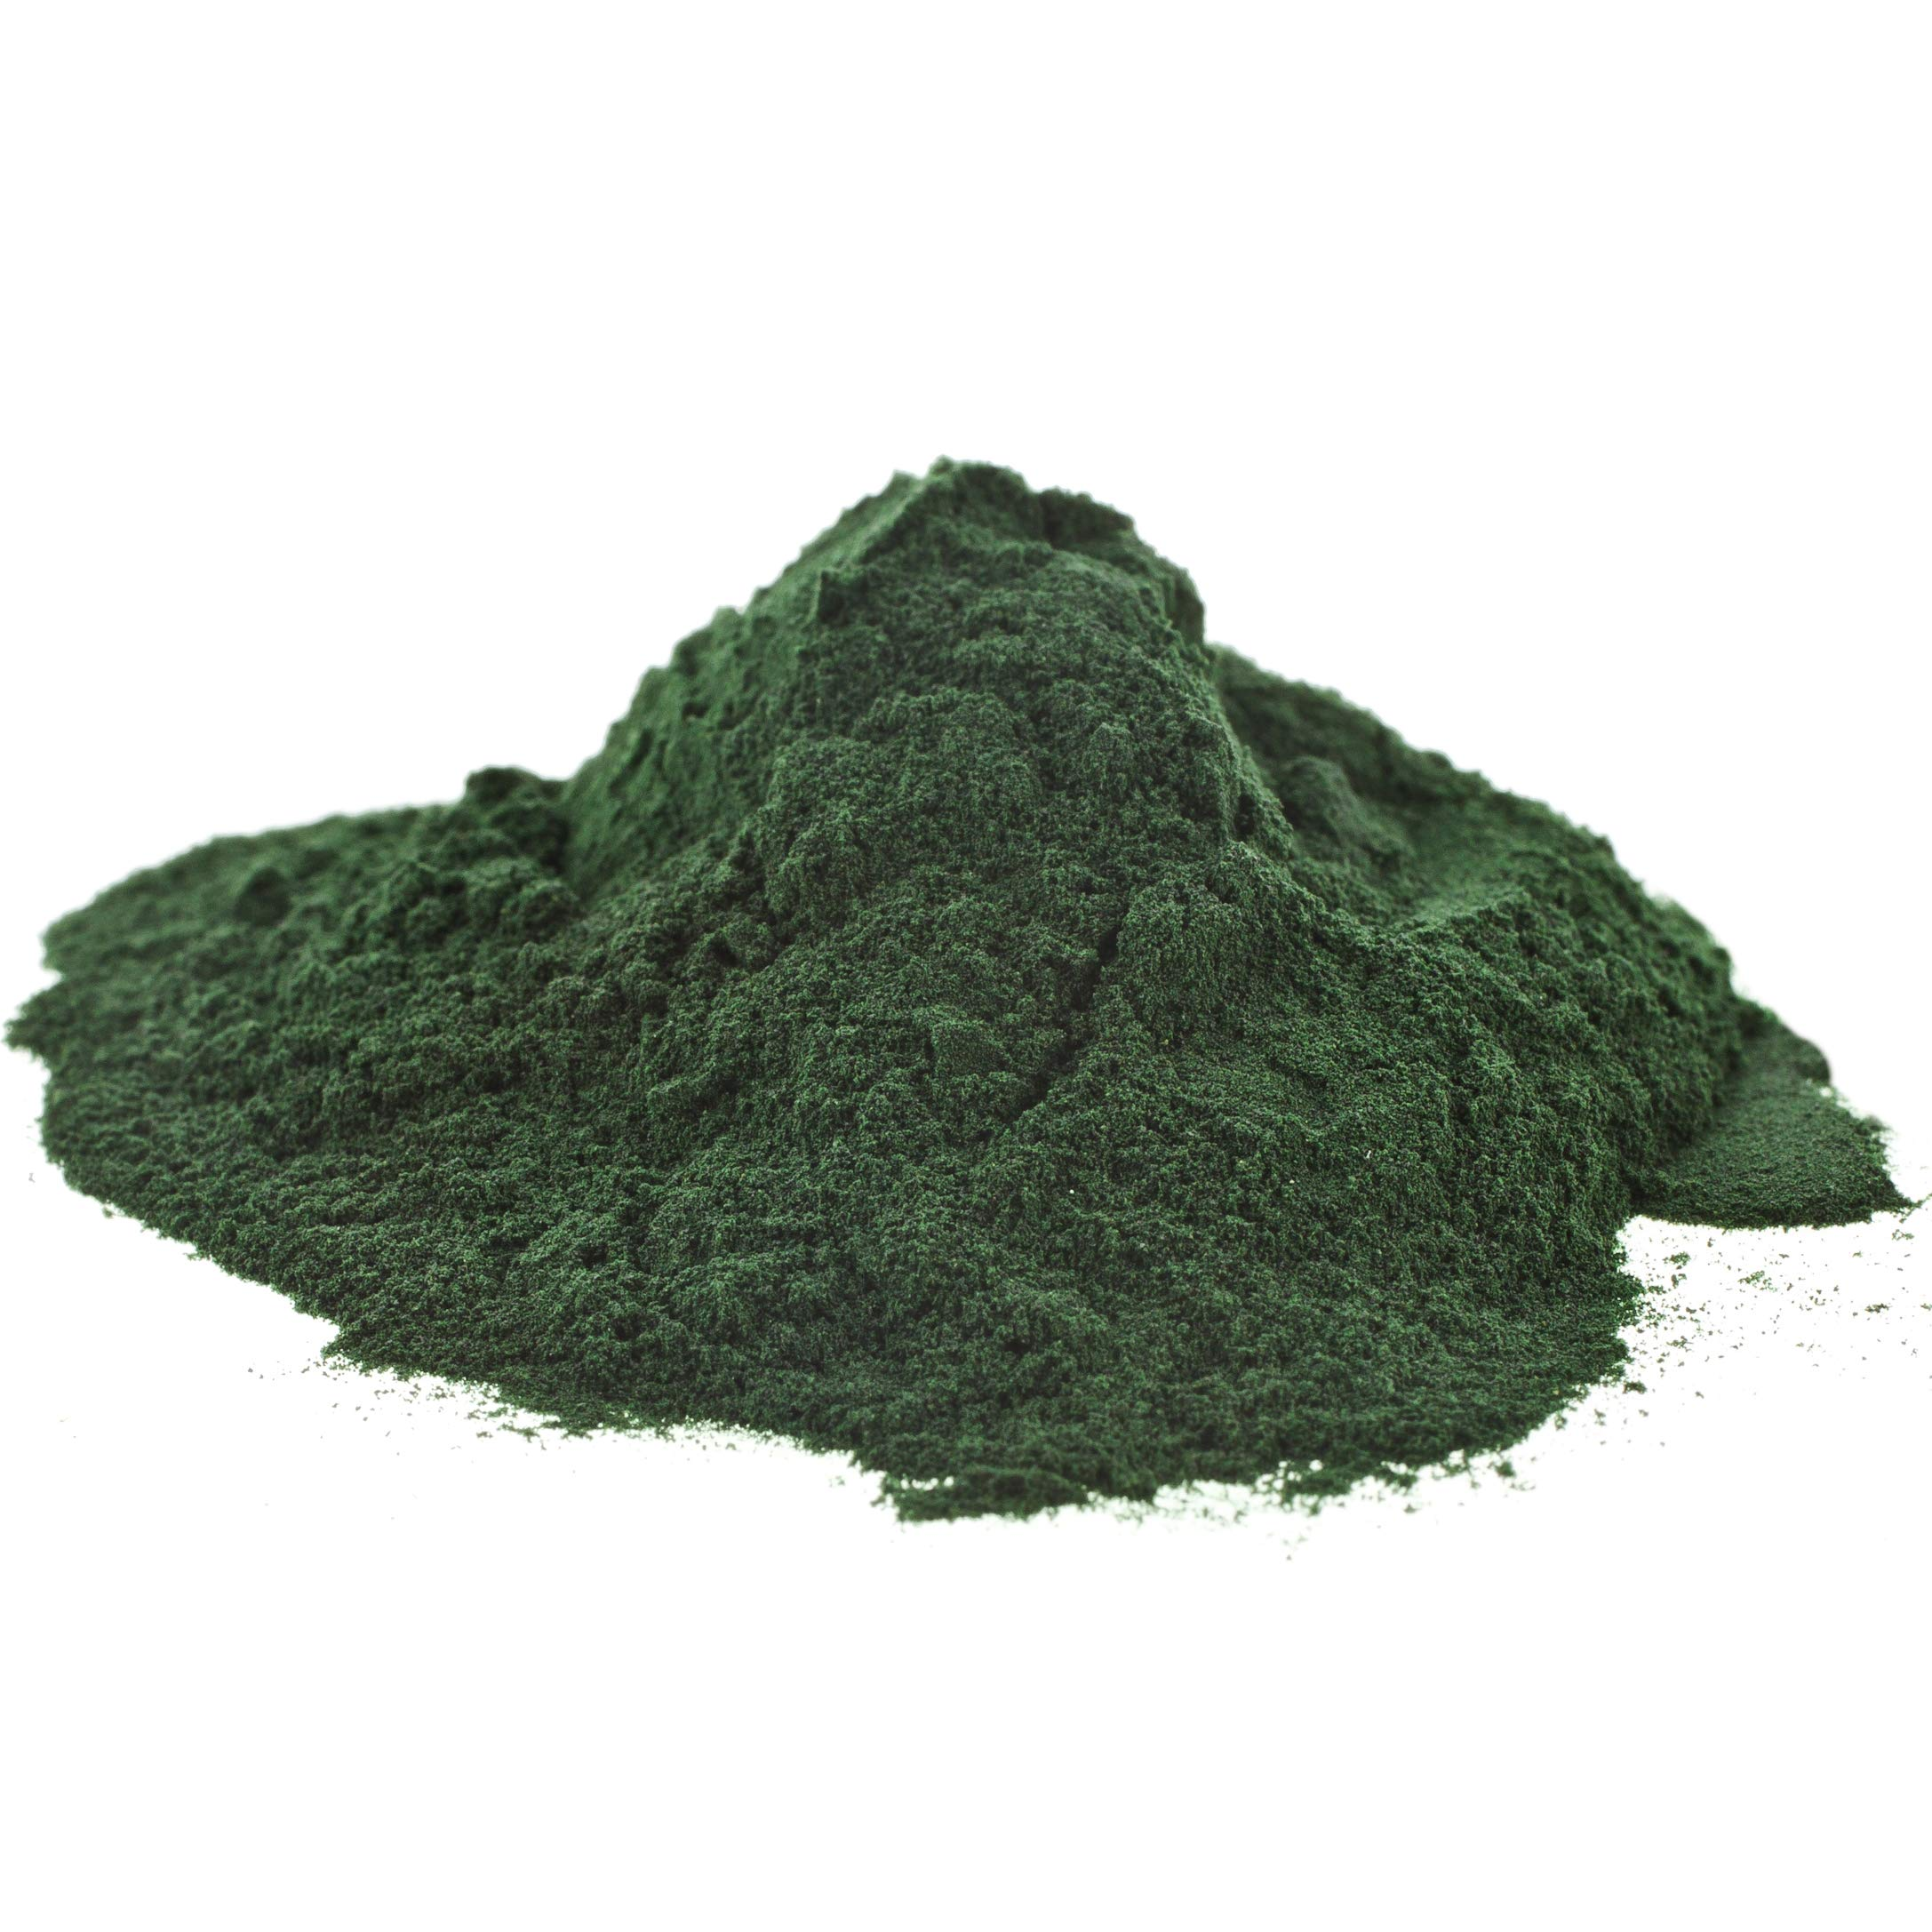 case of 20 packs, 25kg/pack, blue-green algae powder, seaweed powder … by Hello Seaweed (Image #5)